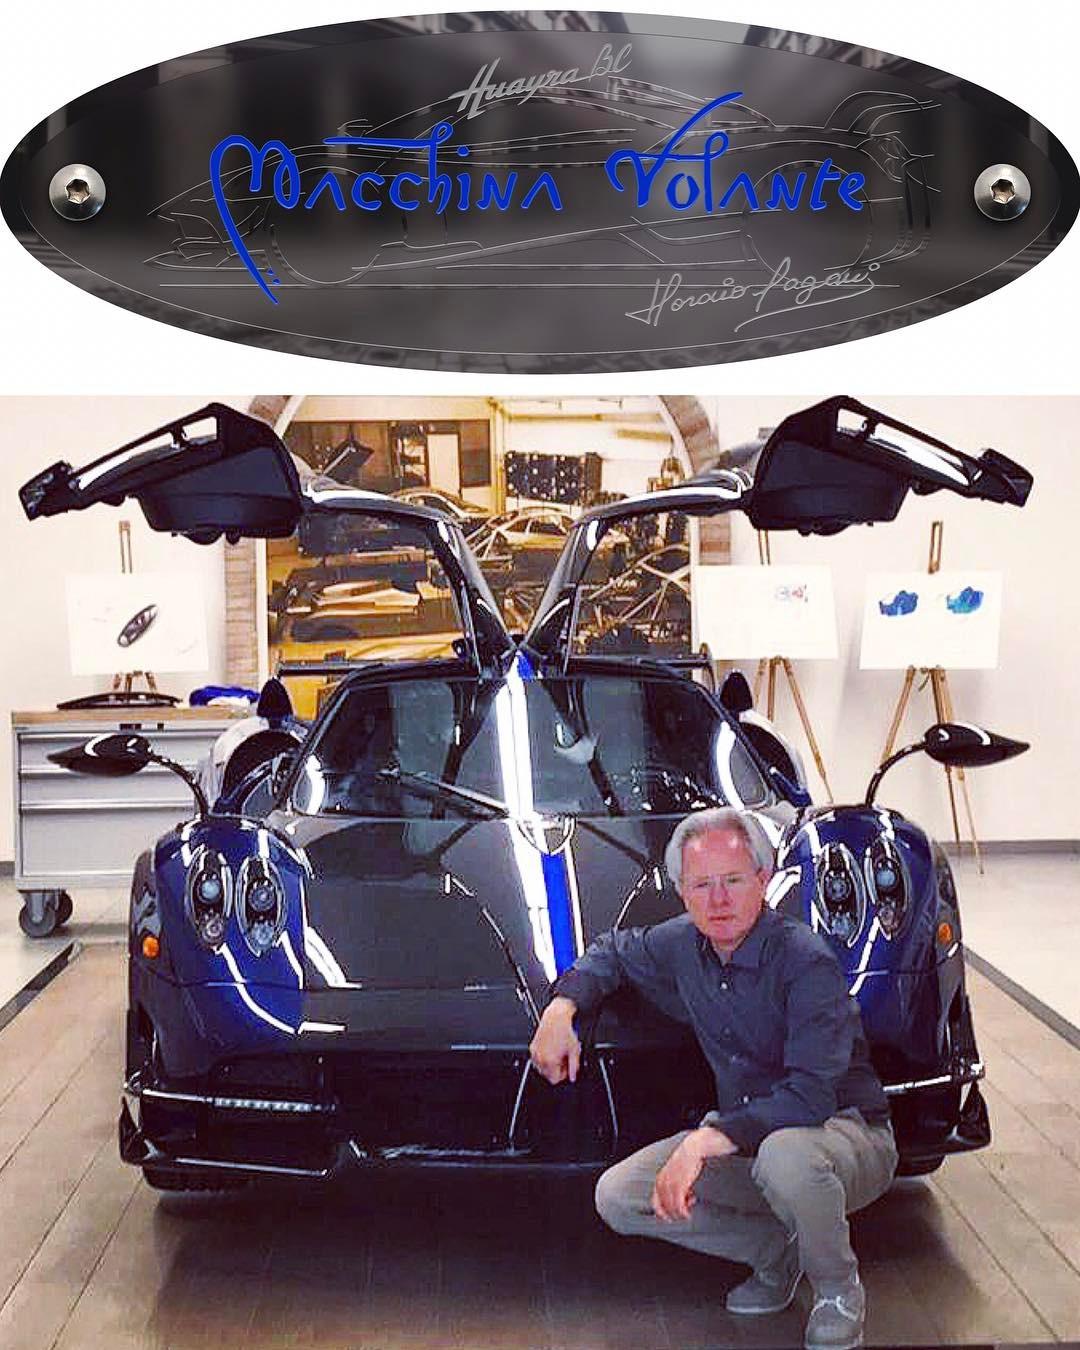 Мы считаем, что Пагани создал лучшее автомобильное выражение этой концепции в Huayra BC.